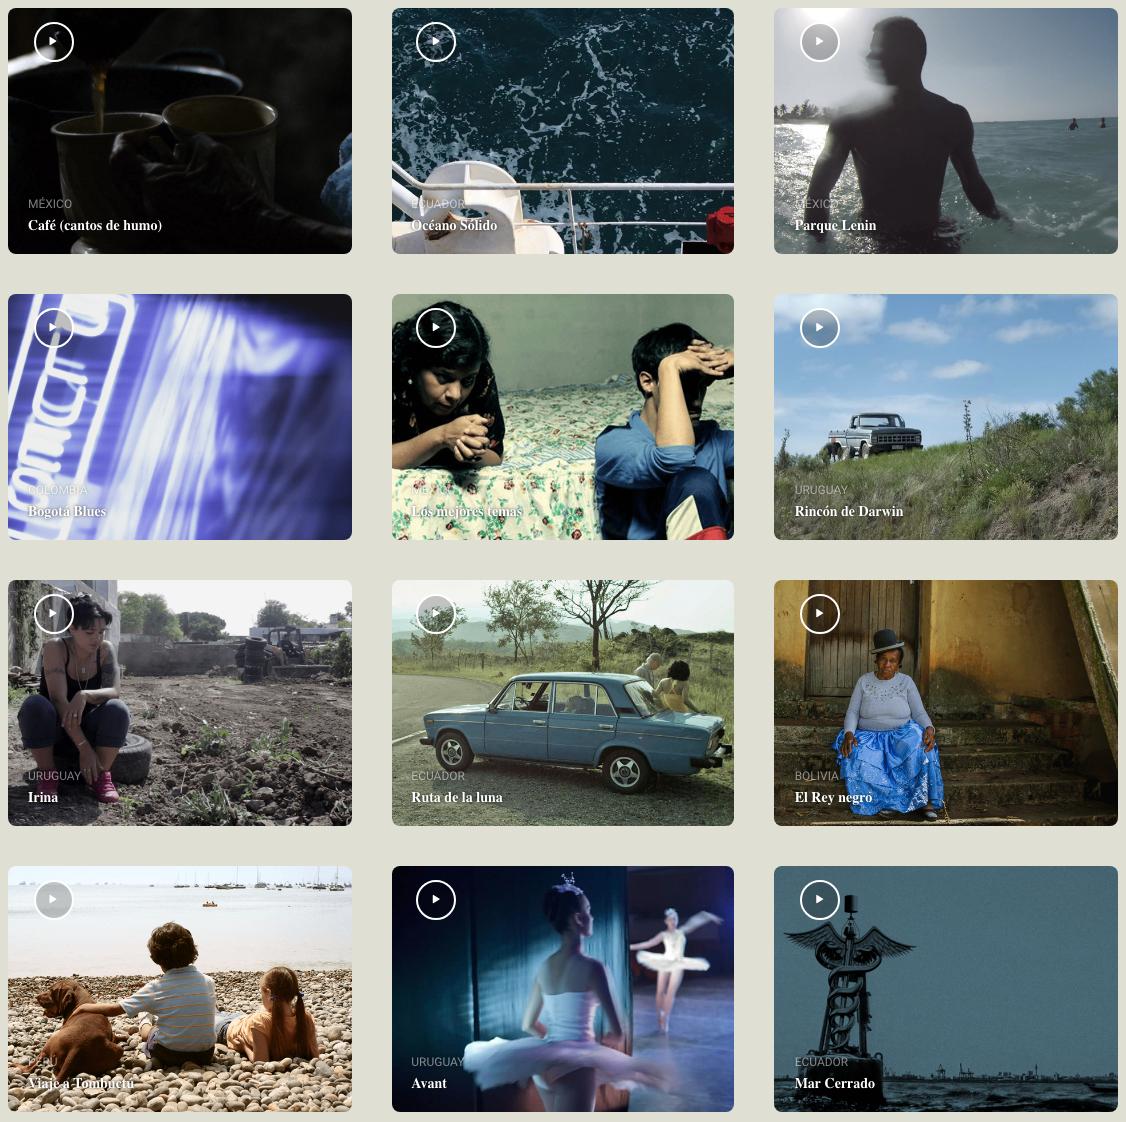 Retinalatina, ver cine latinoamericano gratis